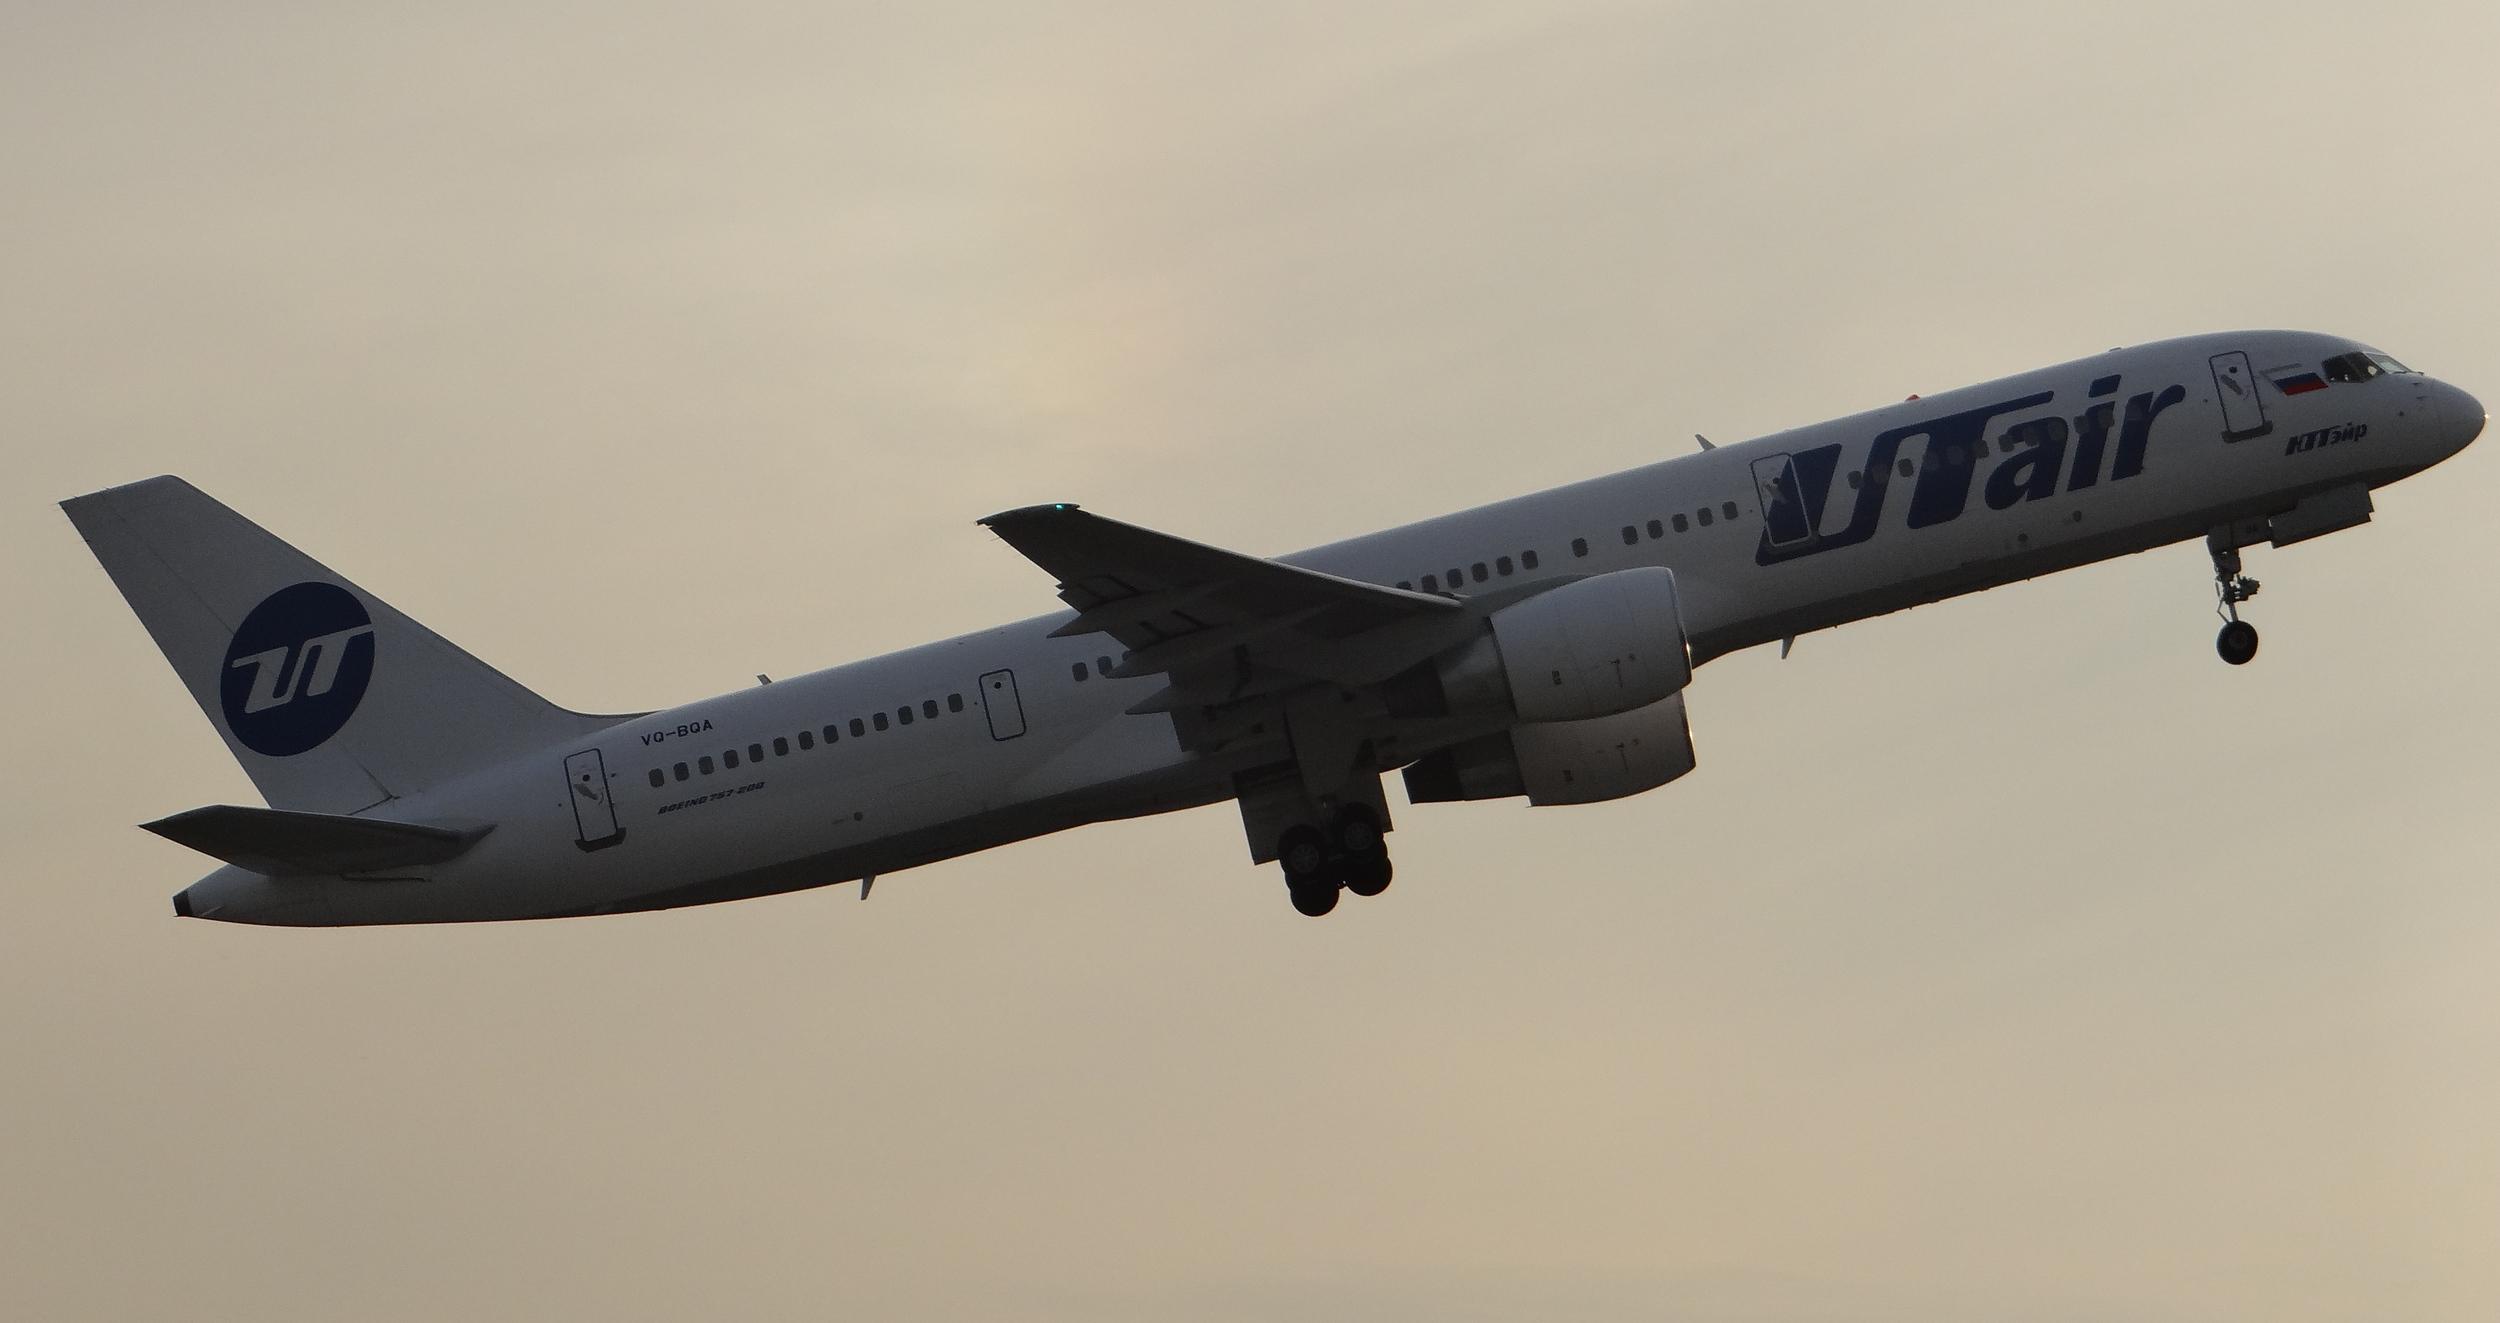 UTair Boeing 757 taking off at sunset